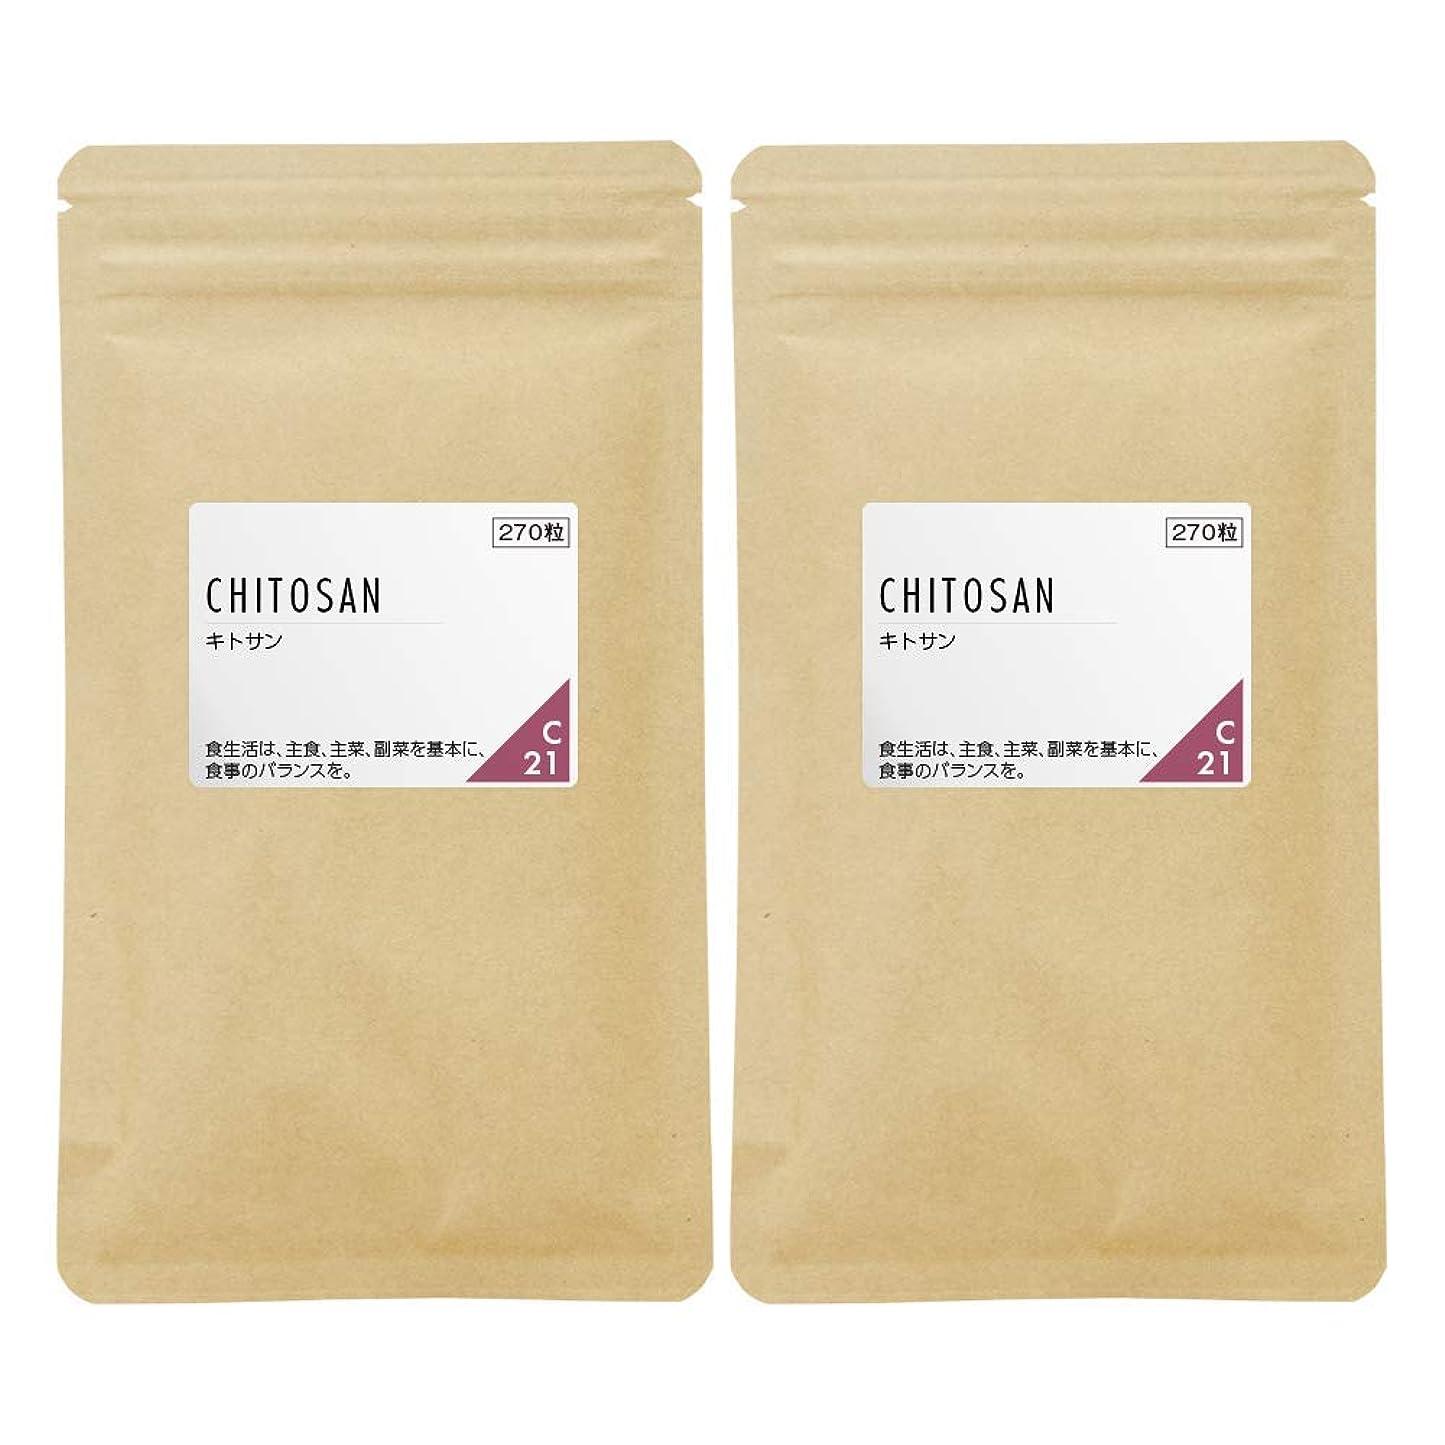 悪い系統的徒歩でnichie キトサン 食物繊維 国産 サプリメント 約6ヶ月分(270粒×2袋)